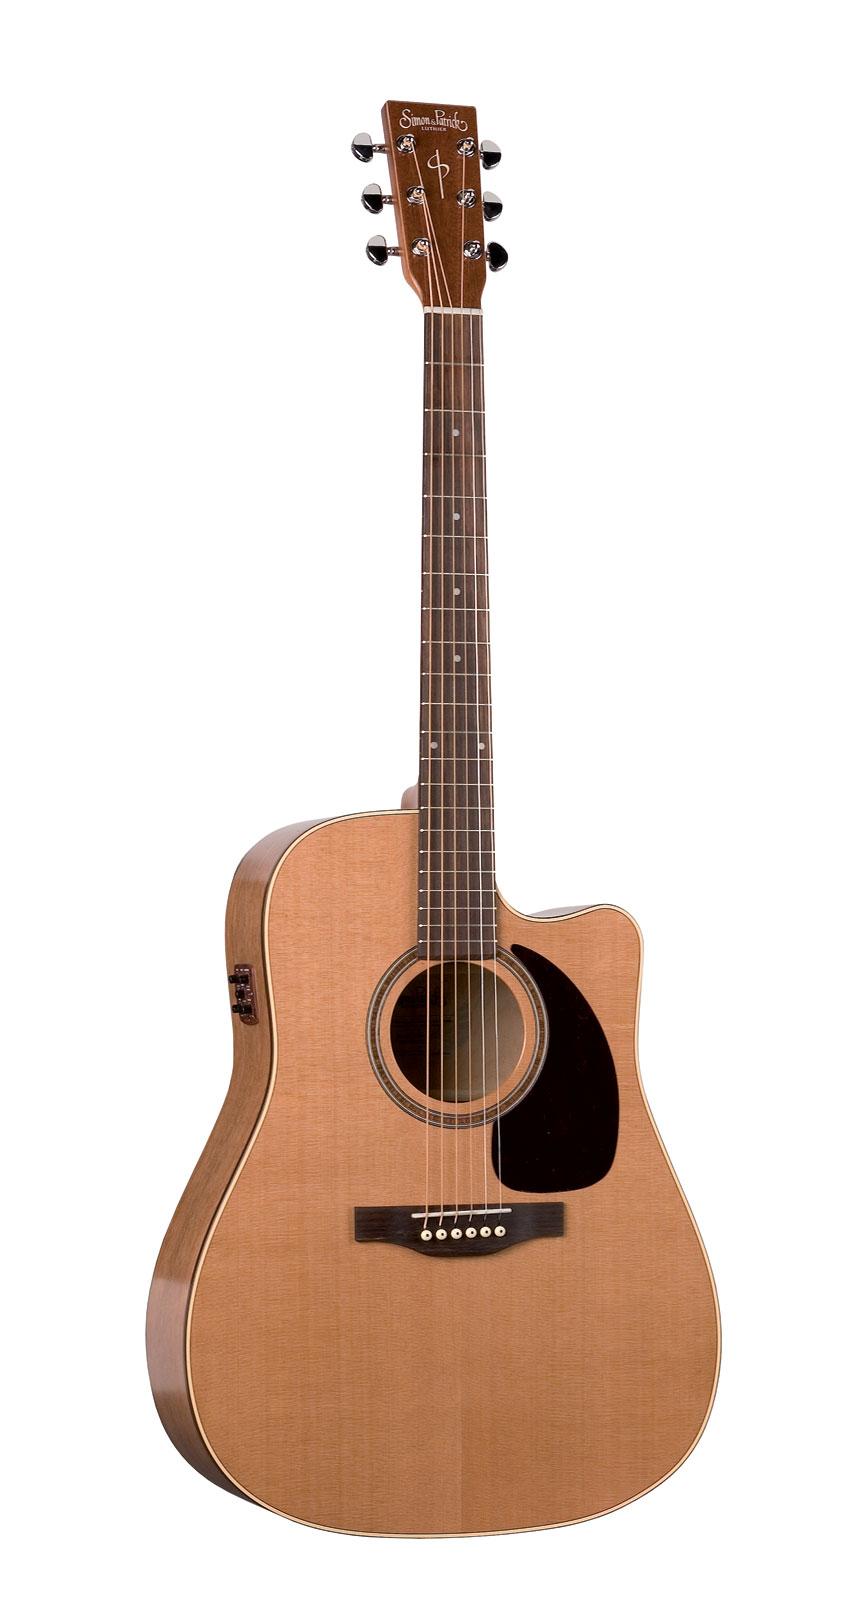 Simon & Patrick Guitar UK - Guitarcouk